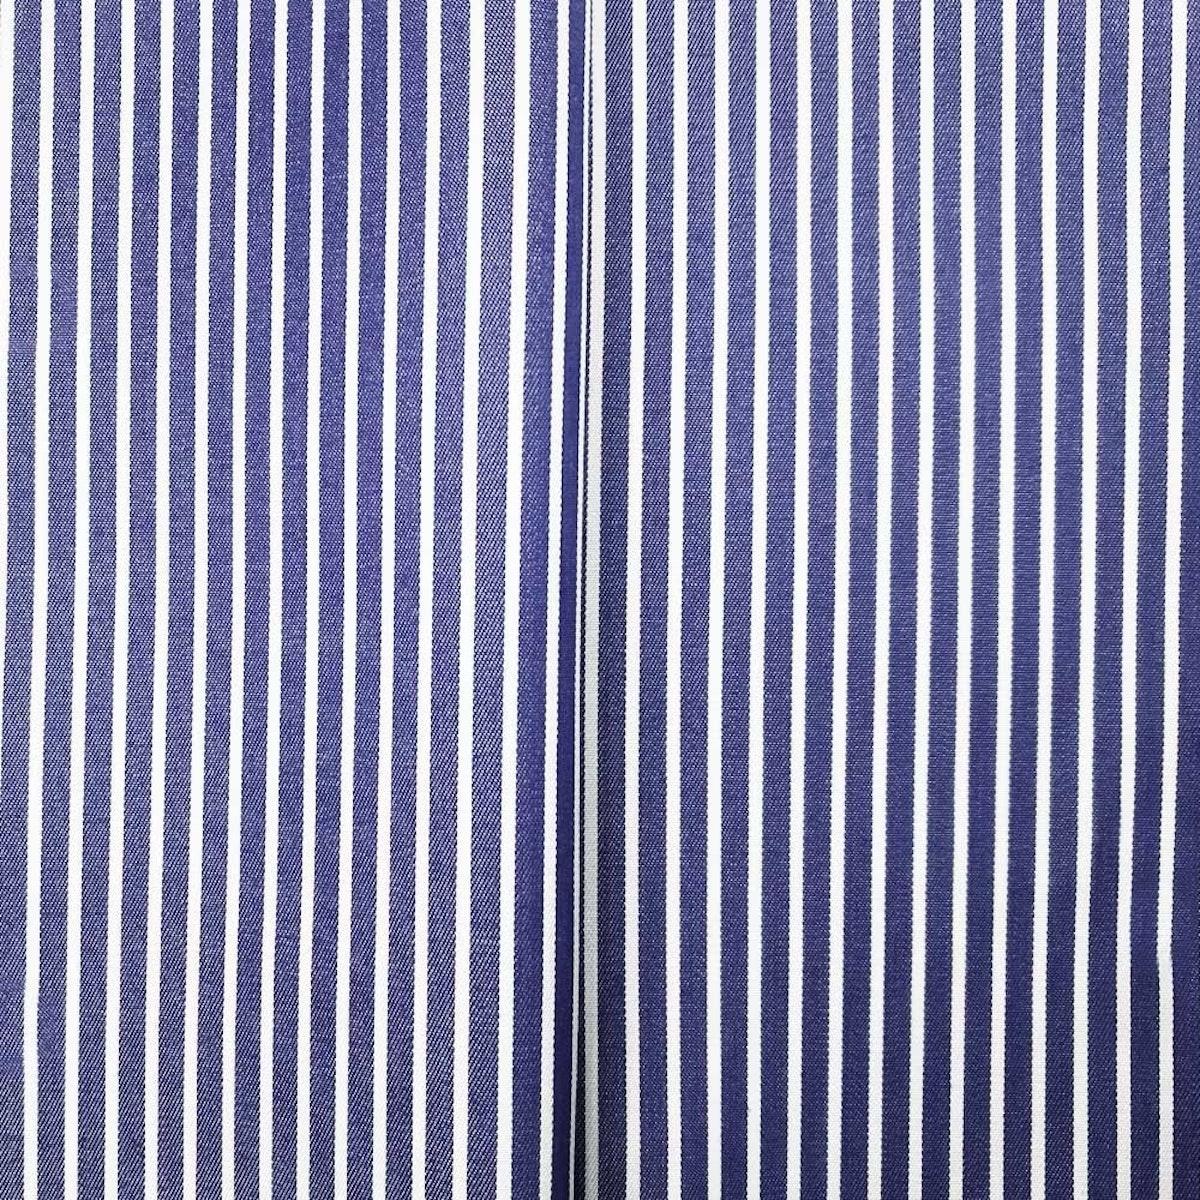 InStitchu Shirt Fabric 128